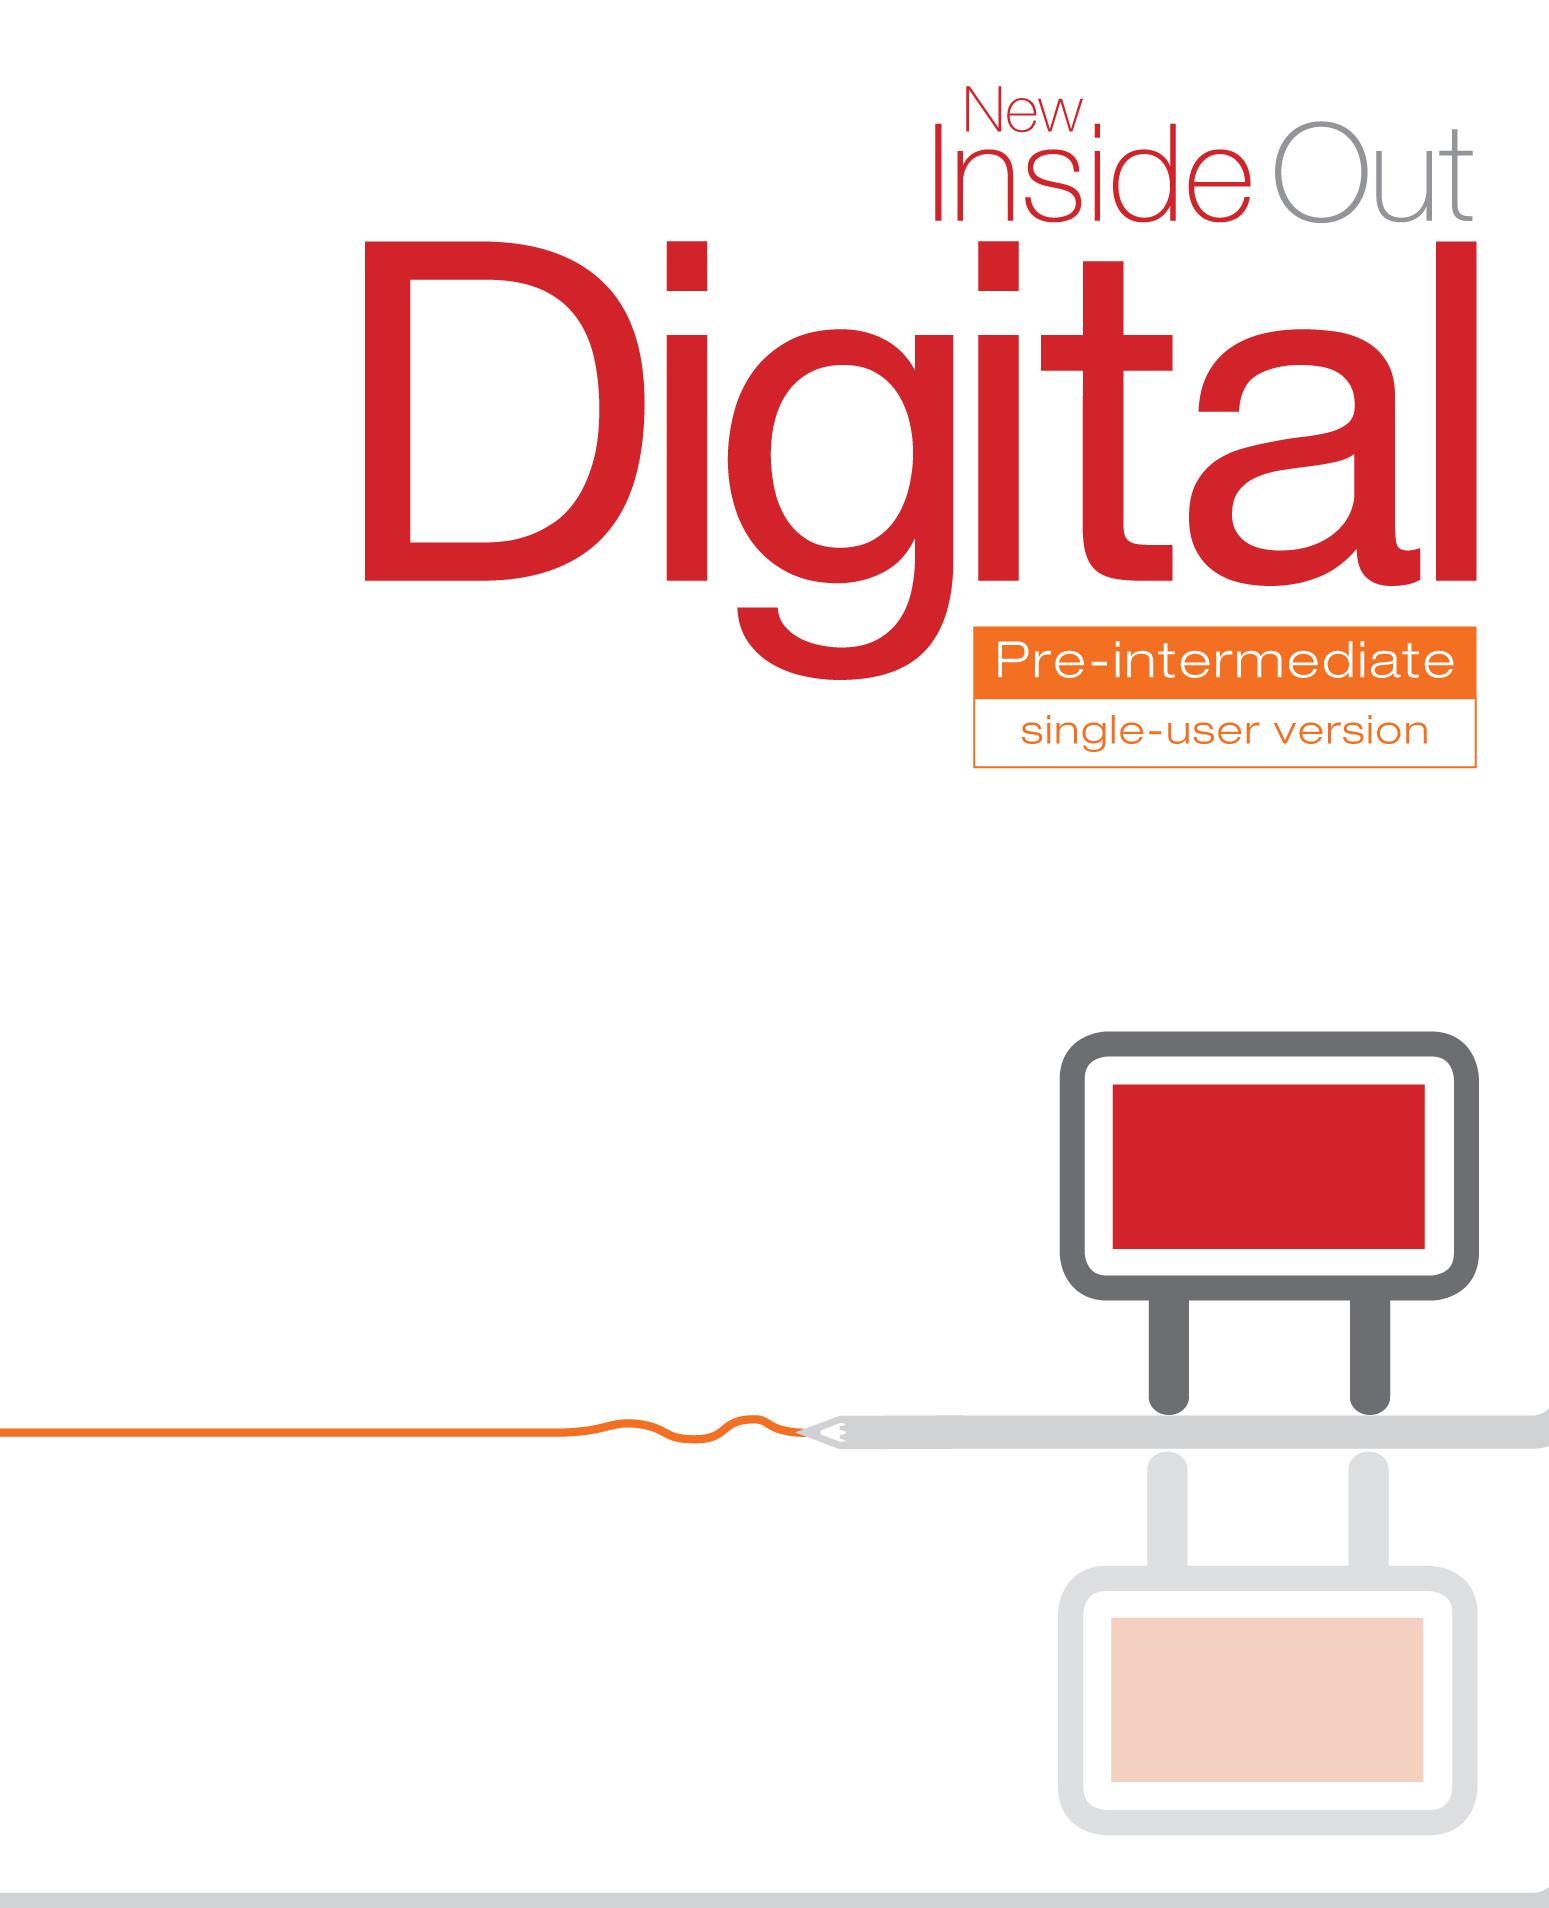 New Inside Out Pre-Intermediate Digital Single User